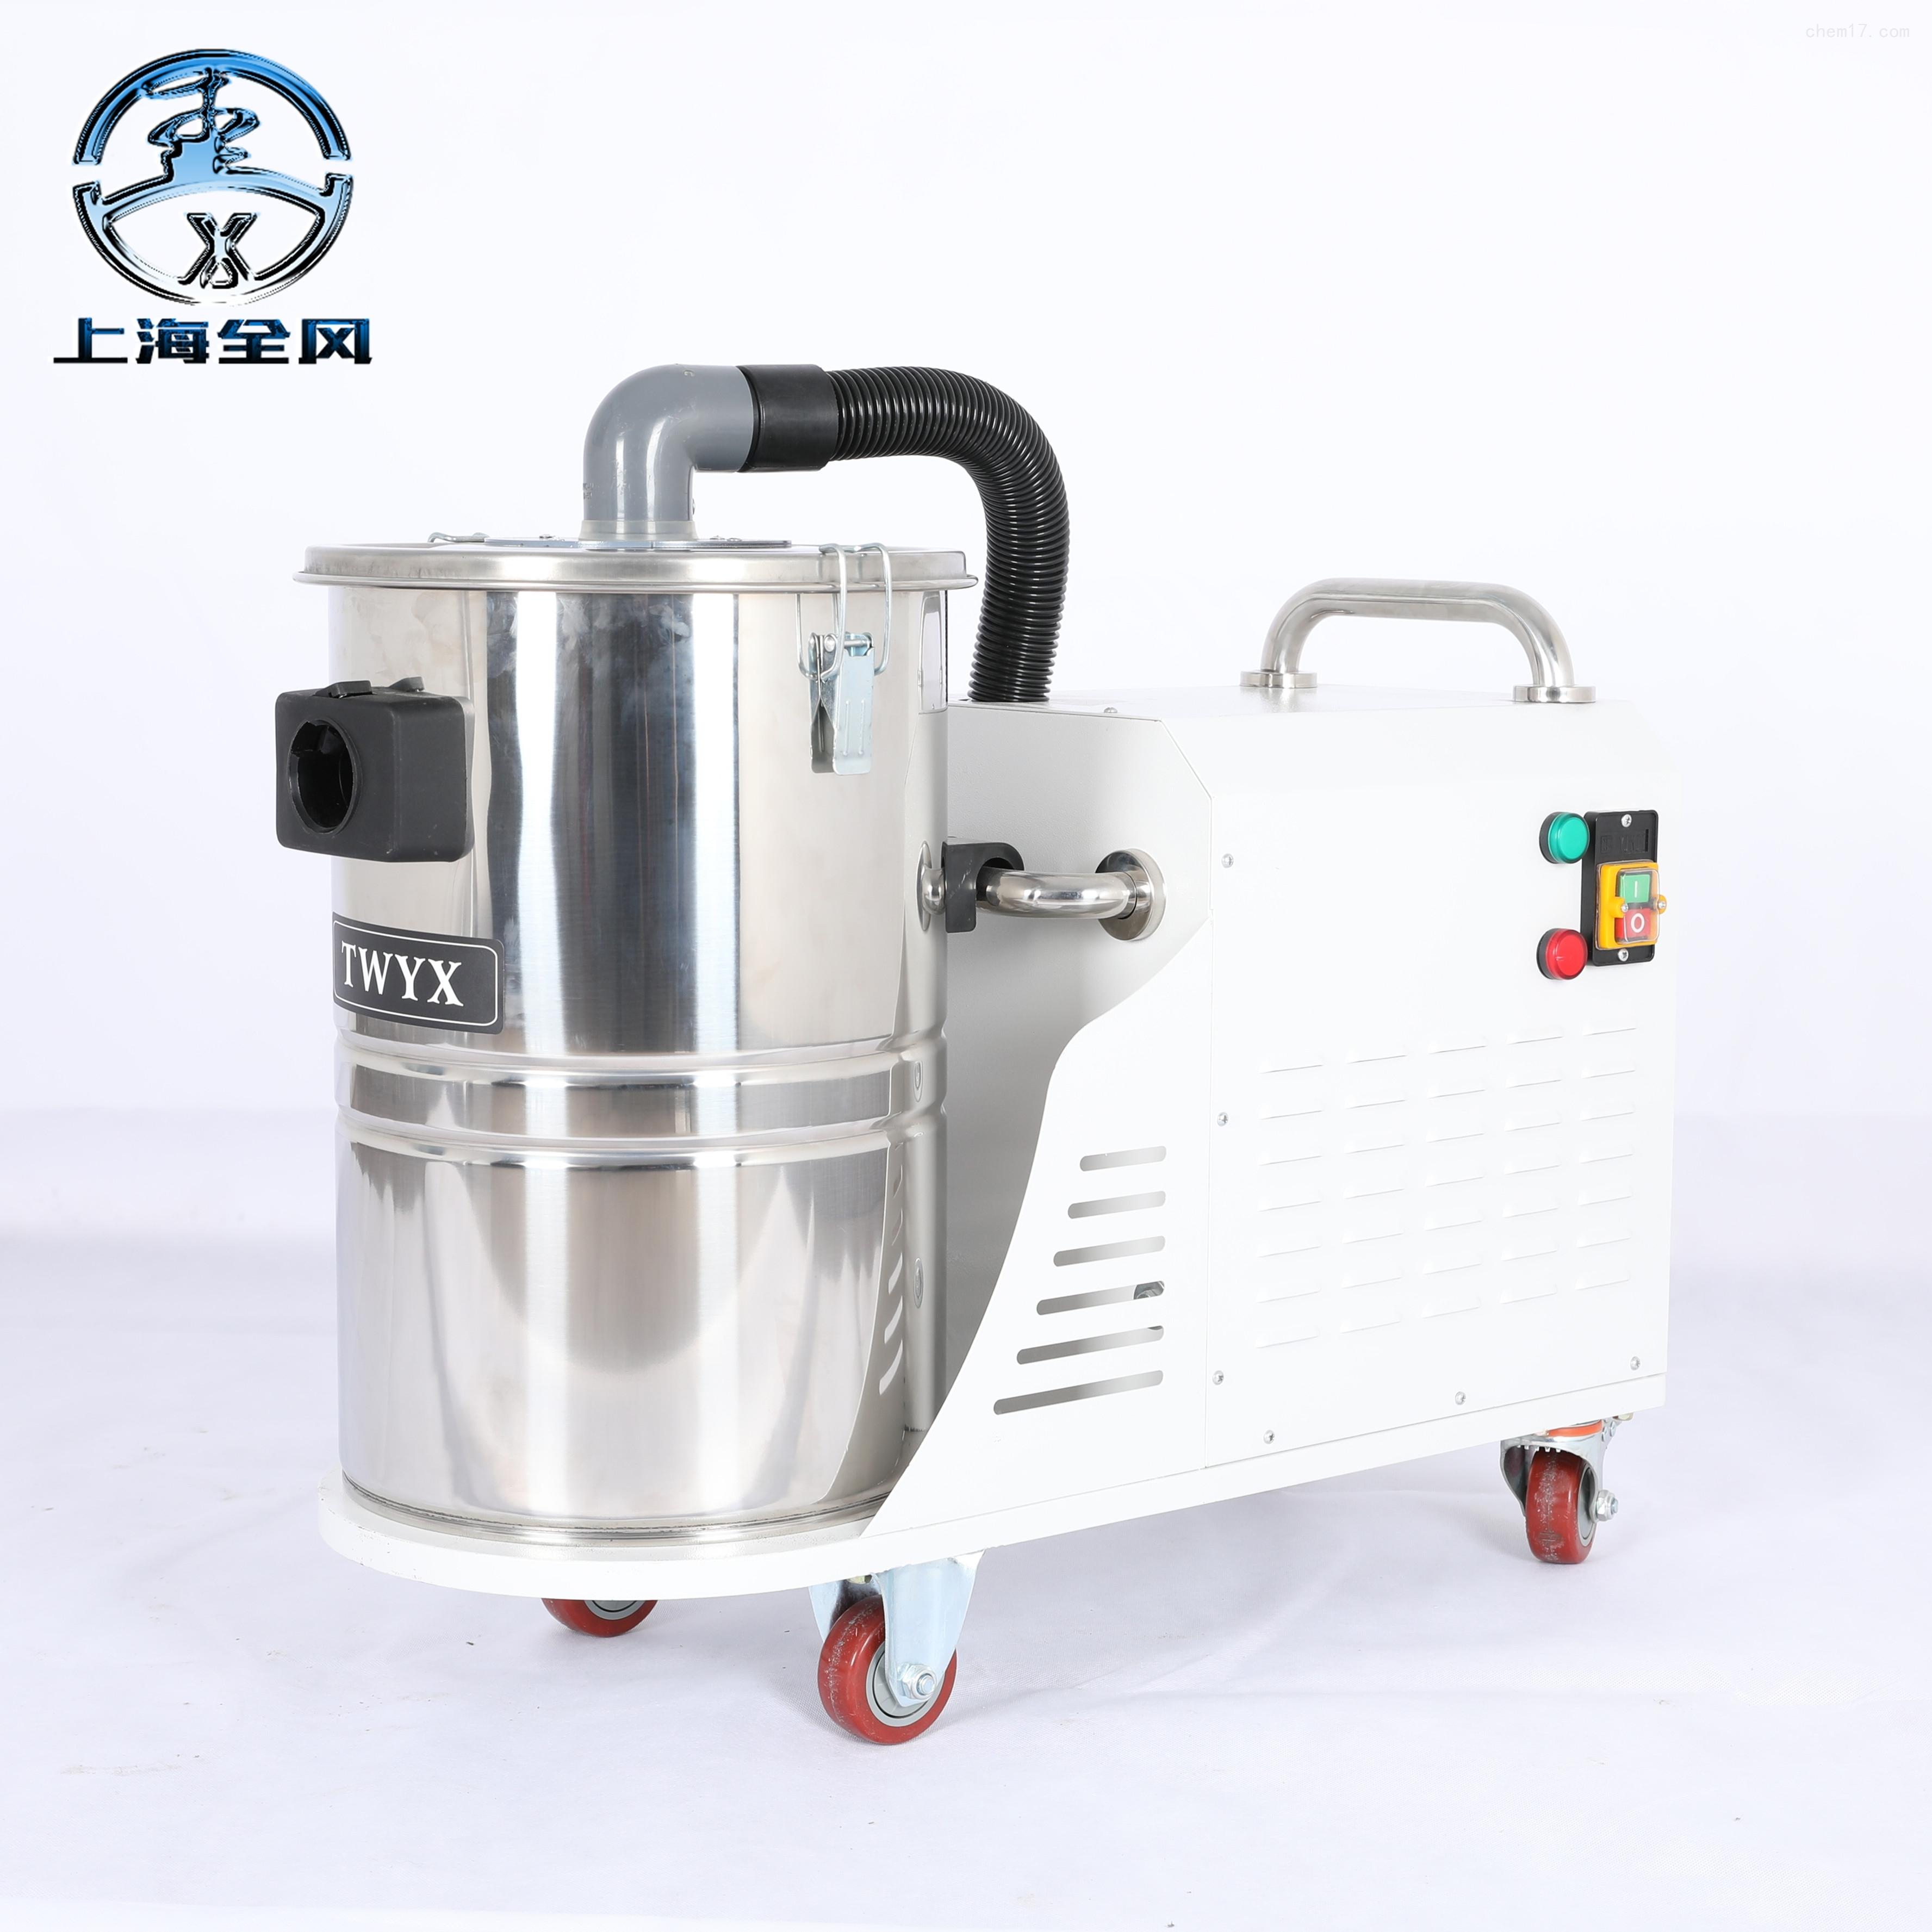 工厂清洁移动设备吸尘器